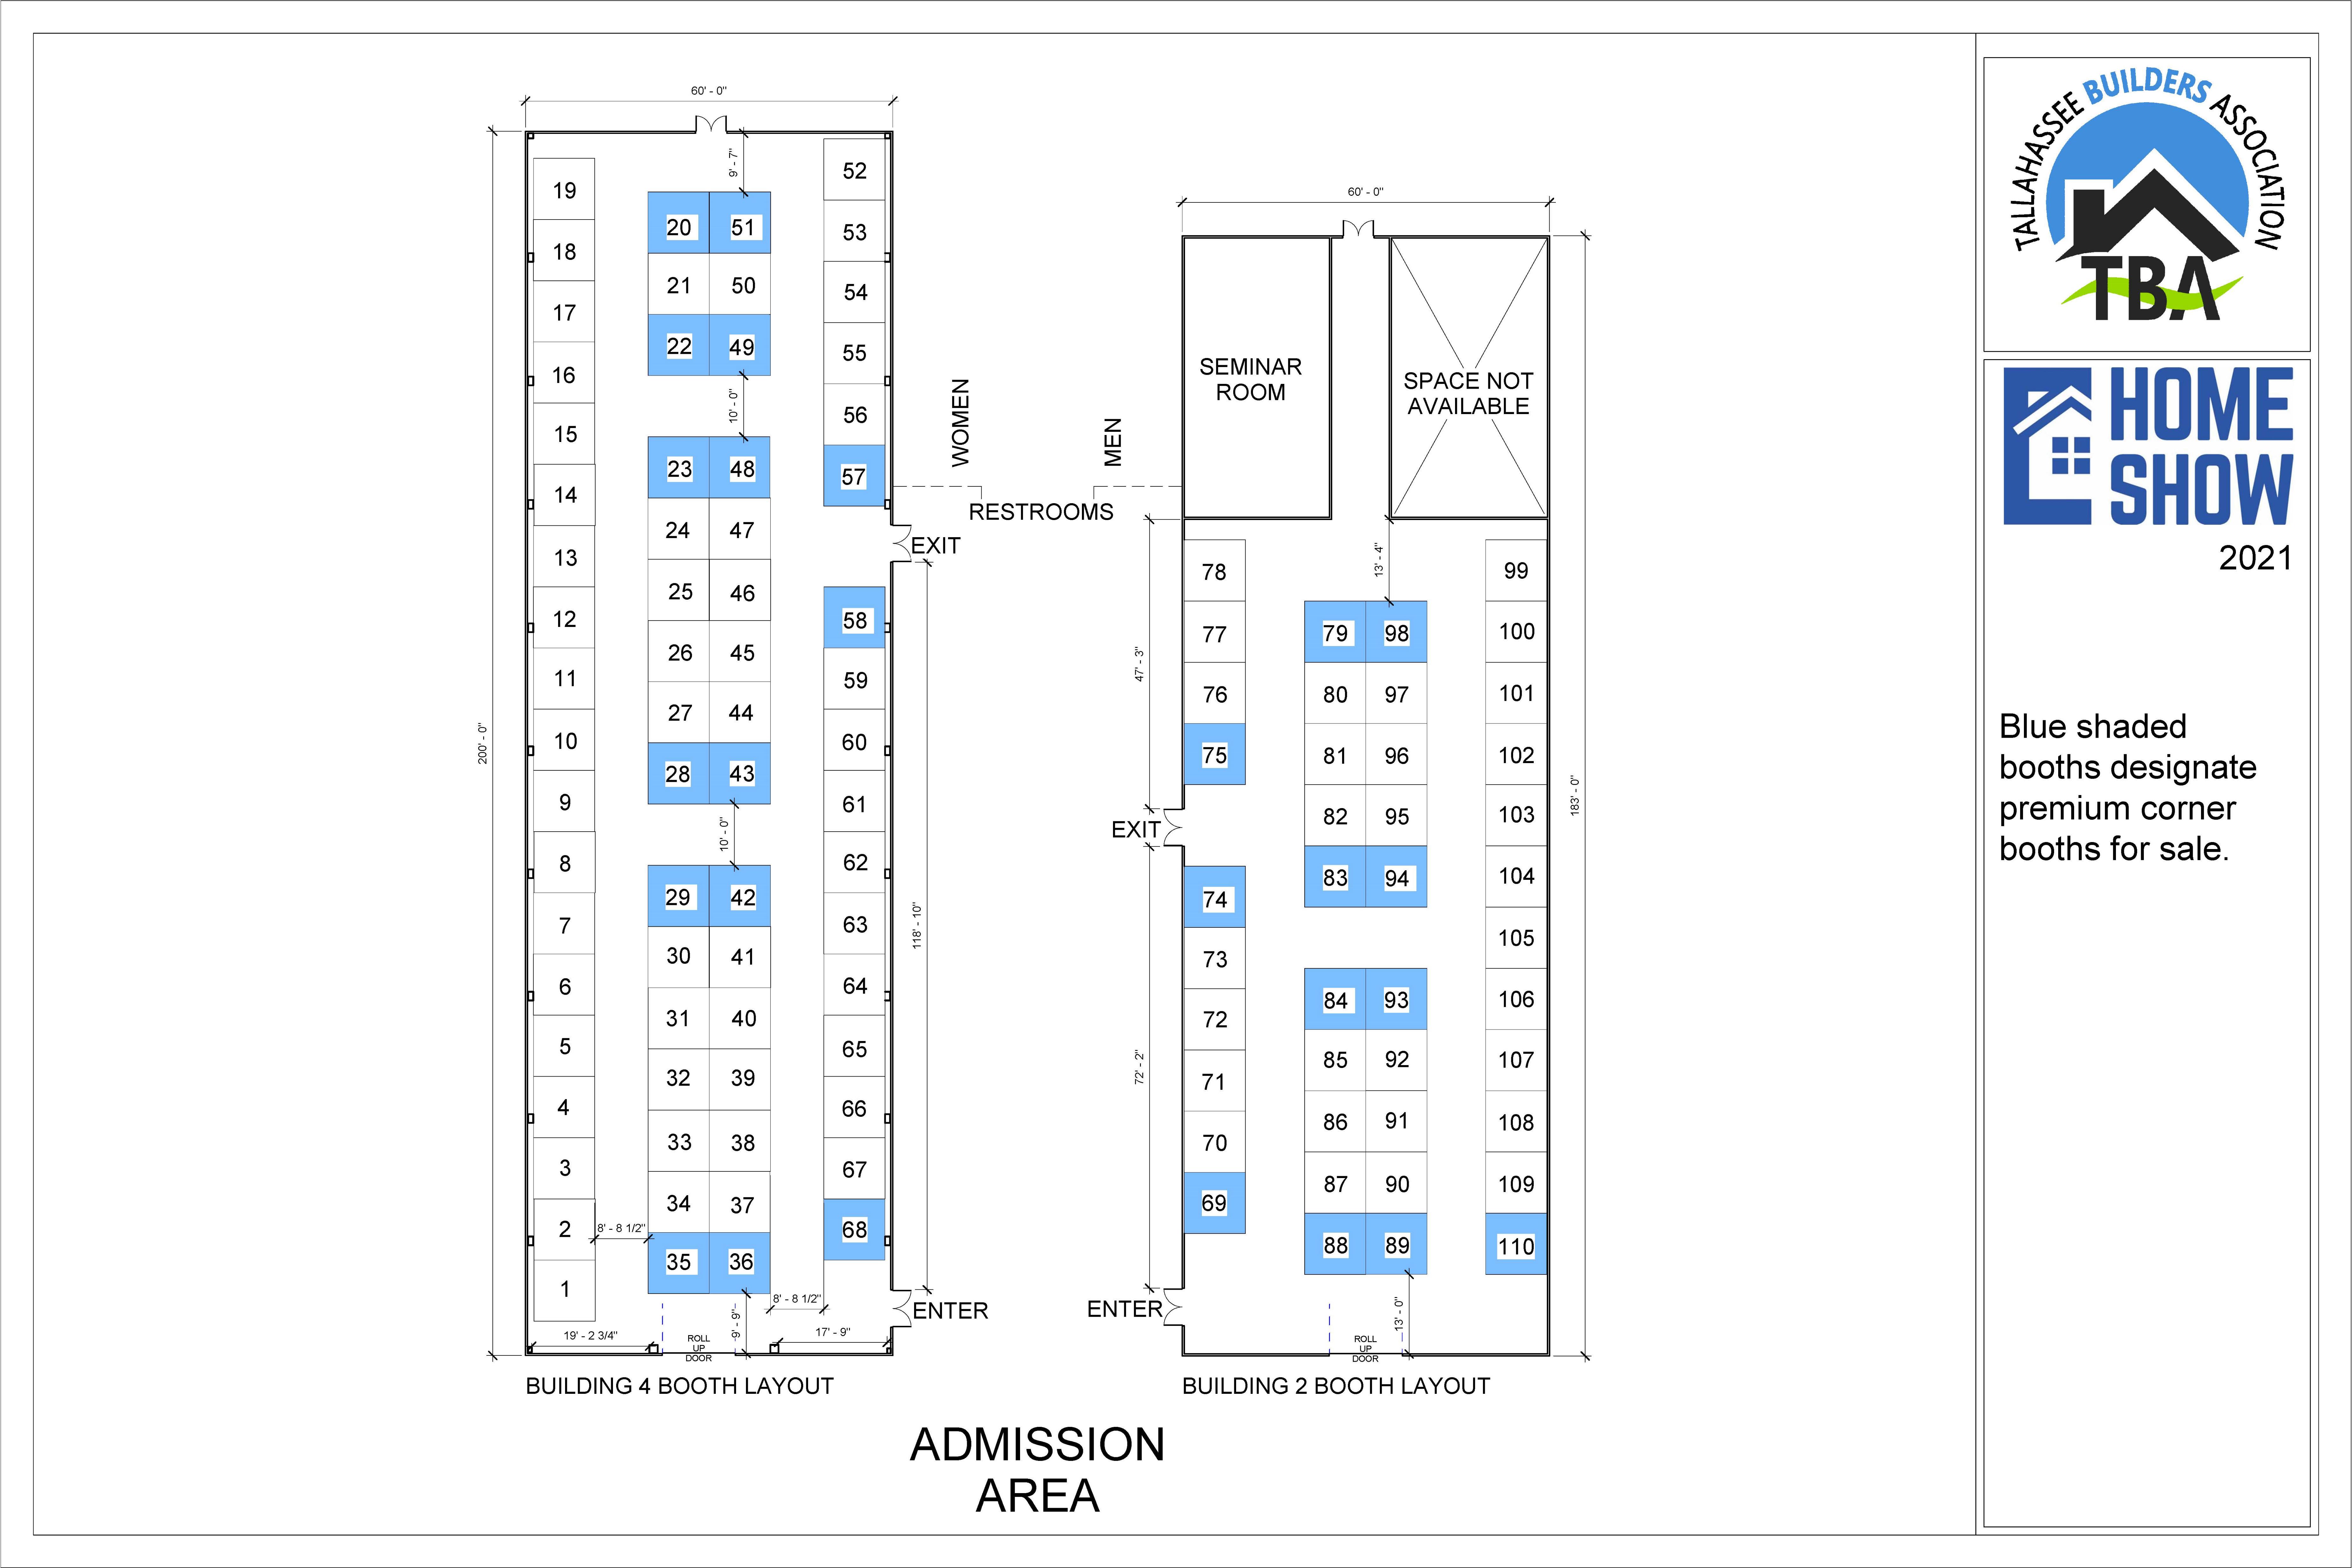 TBA Home Show floor plan